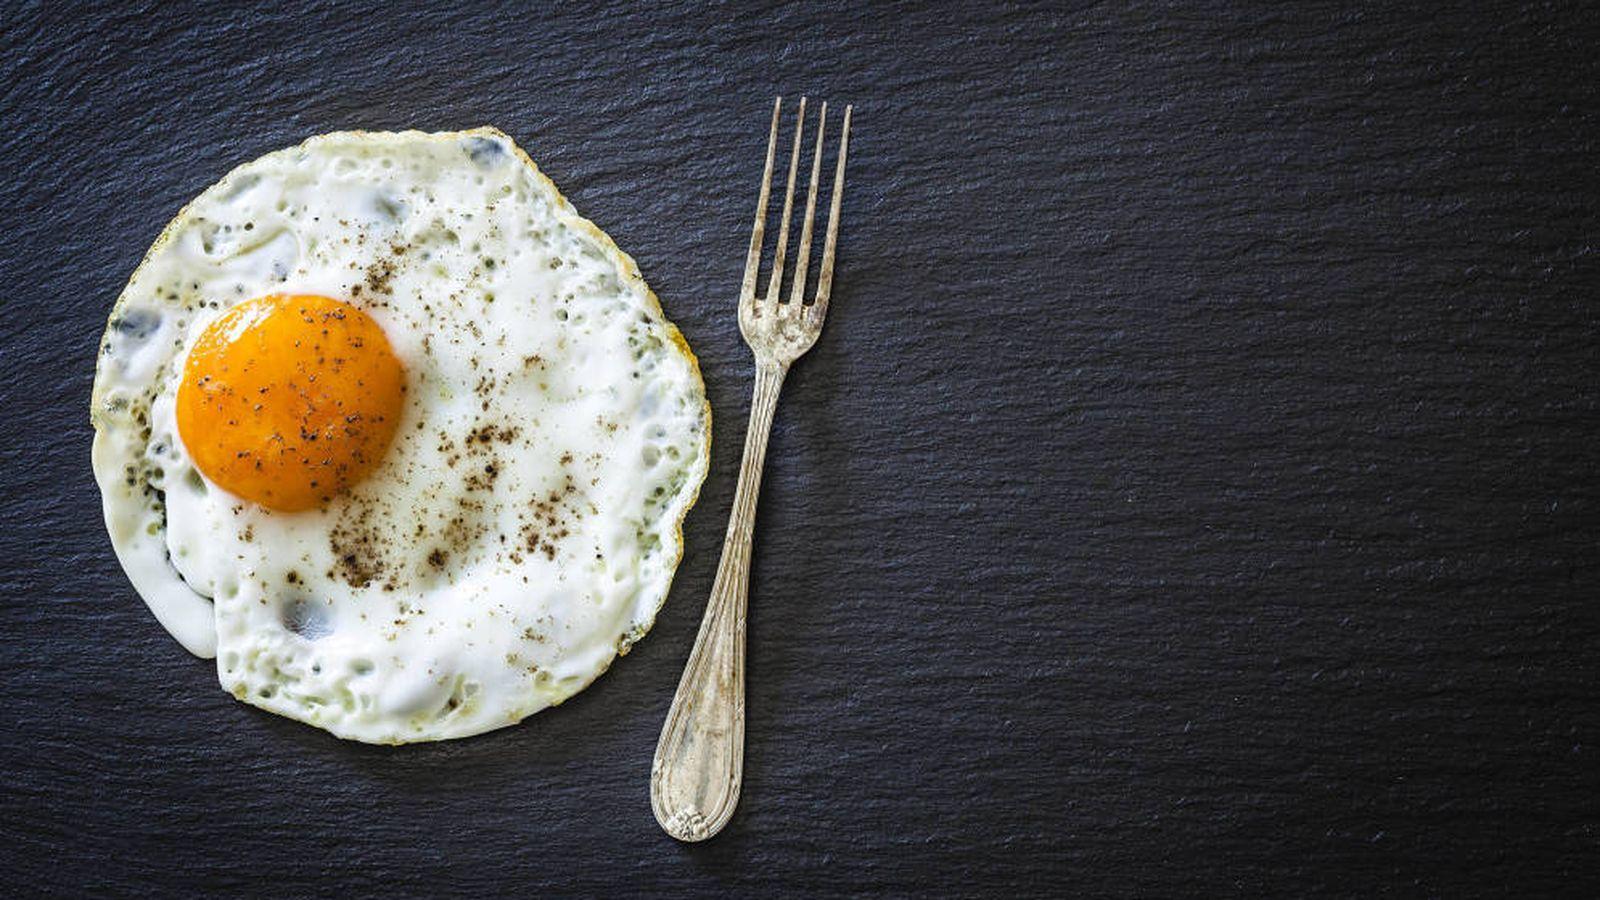 qué es bueno para el desayuno cuando tienes diabetes